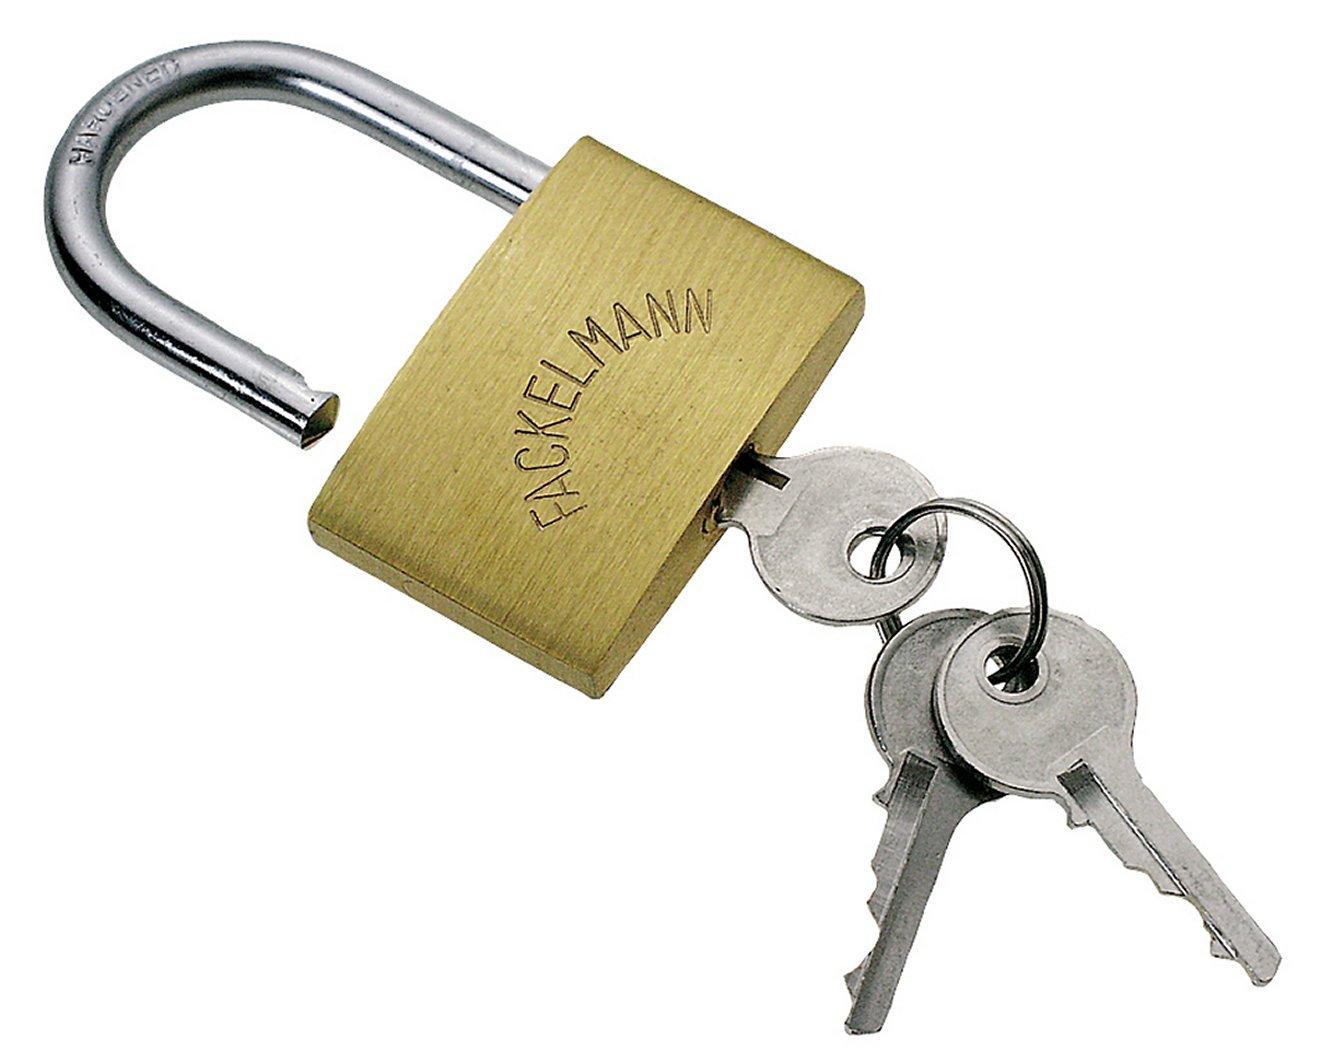 Fackelmann - Candado (5 cm, con arco reforzado) Fackelmann GmbH + Co.KG 60231